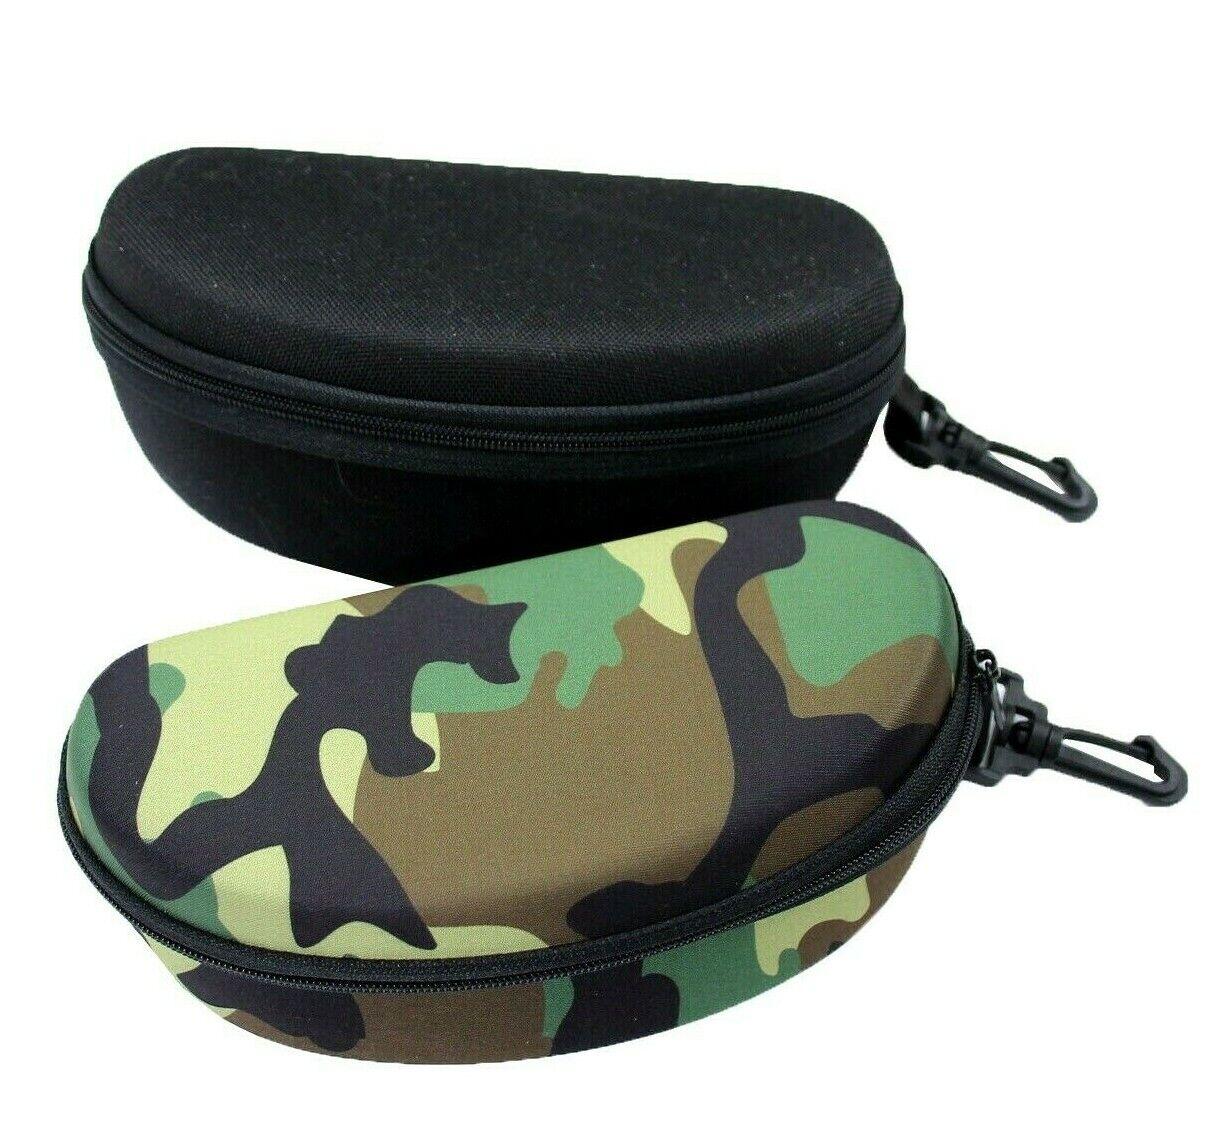 XXL Outdoor Brillenetui für Sonnenbrille Sportbrille Reißverschluss Karabiner